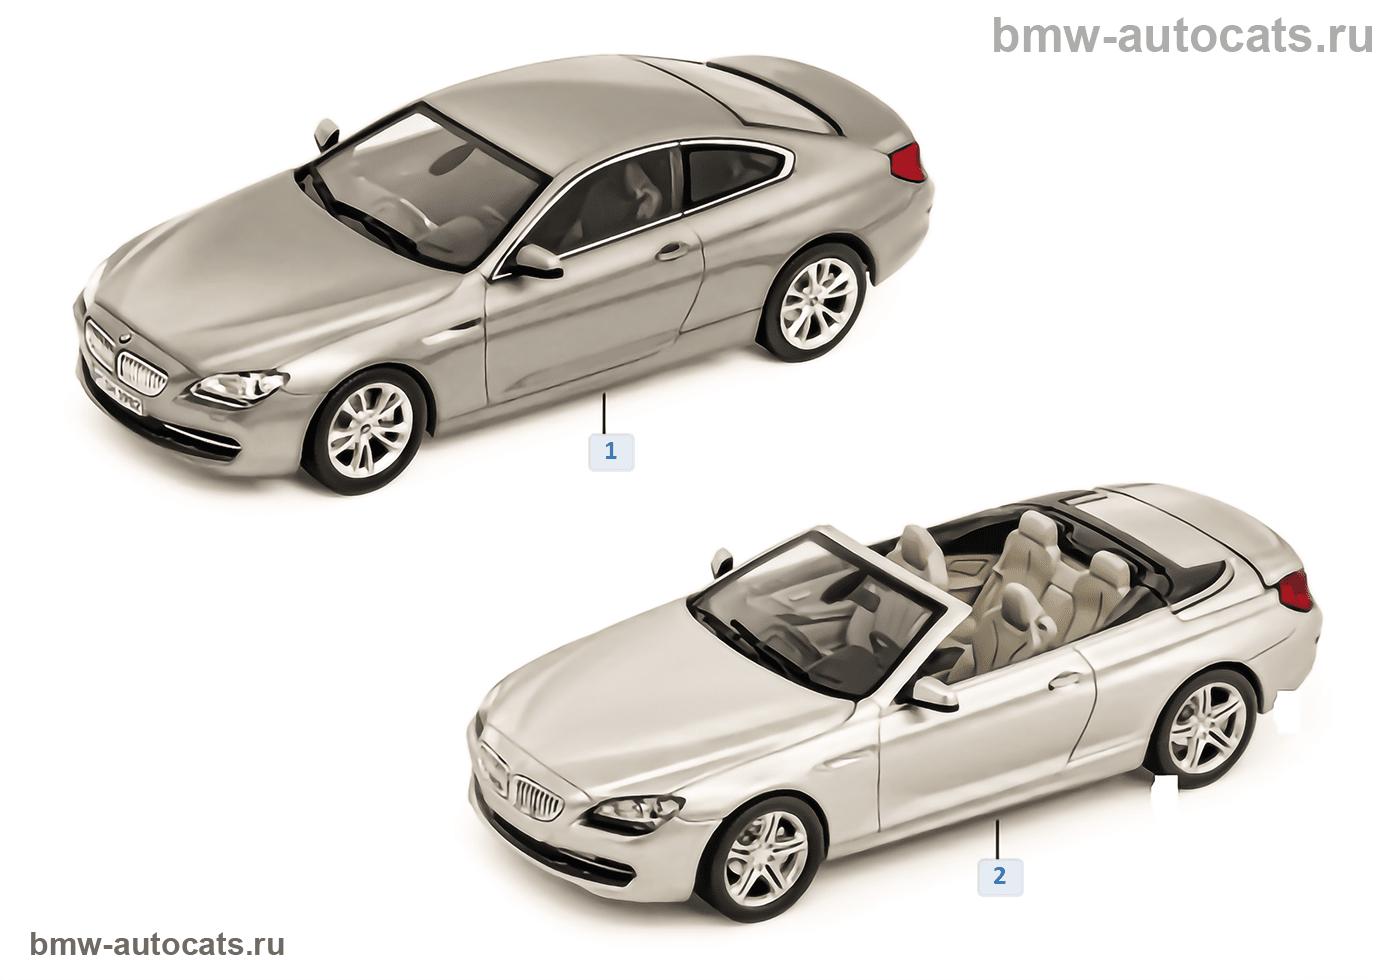 Миниат.модели BMW — BMW 6-й сер.2011/12